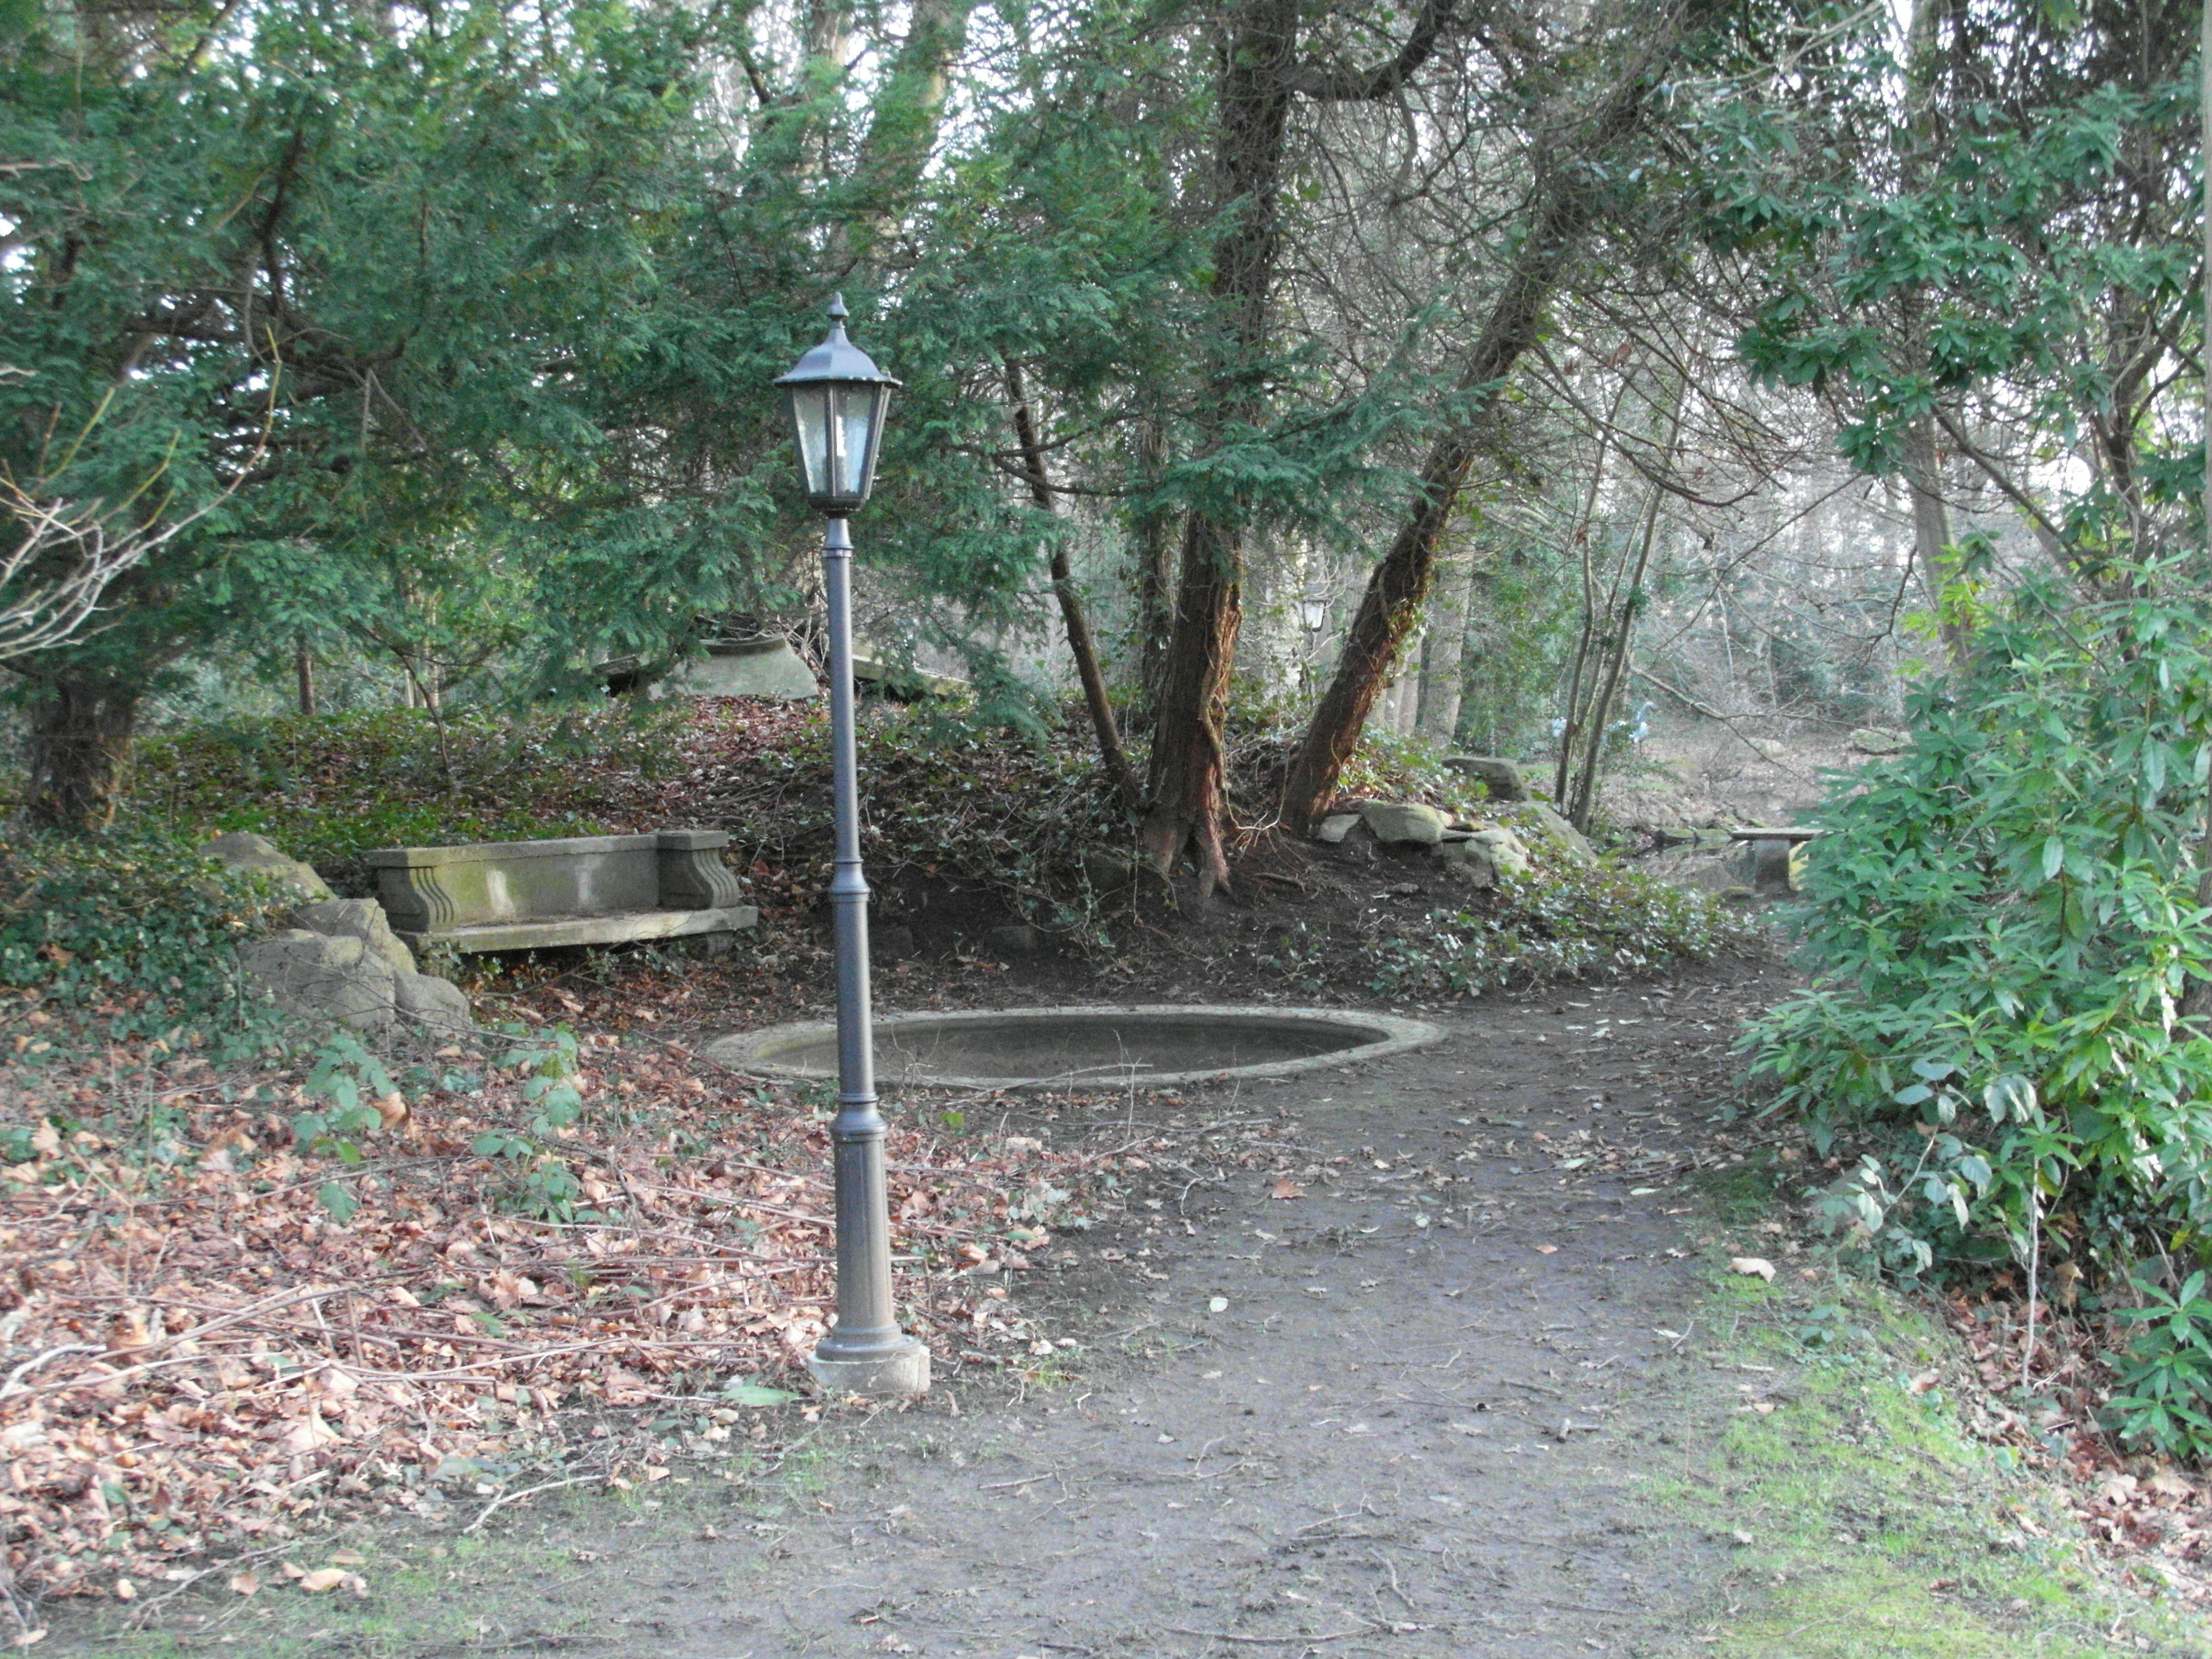 Thieles garten bank laterne becken weg b ume - Garten und landschaftsbau bremerhaven ...